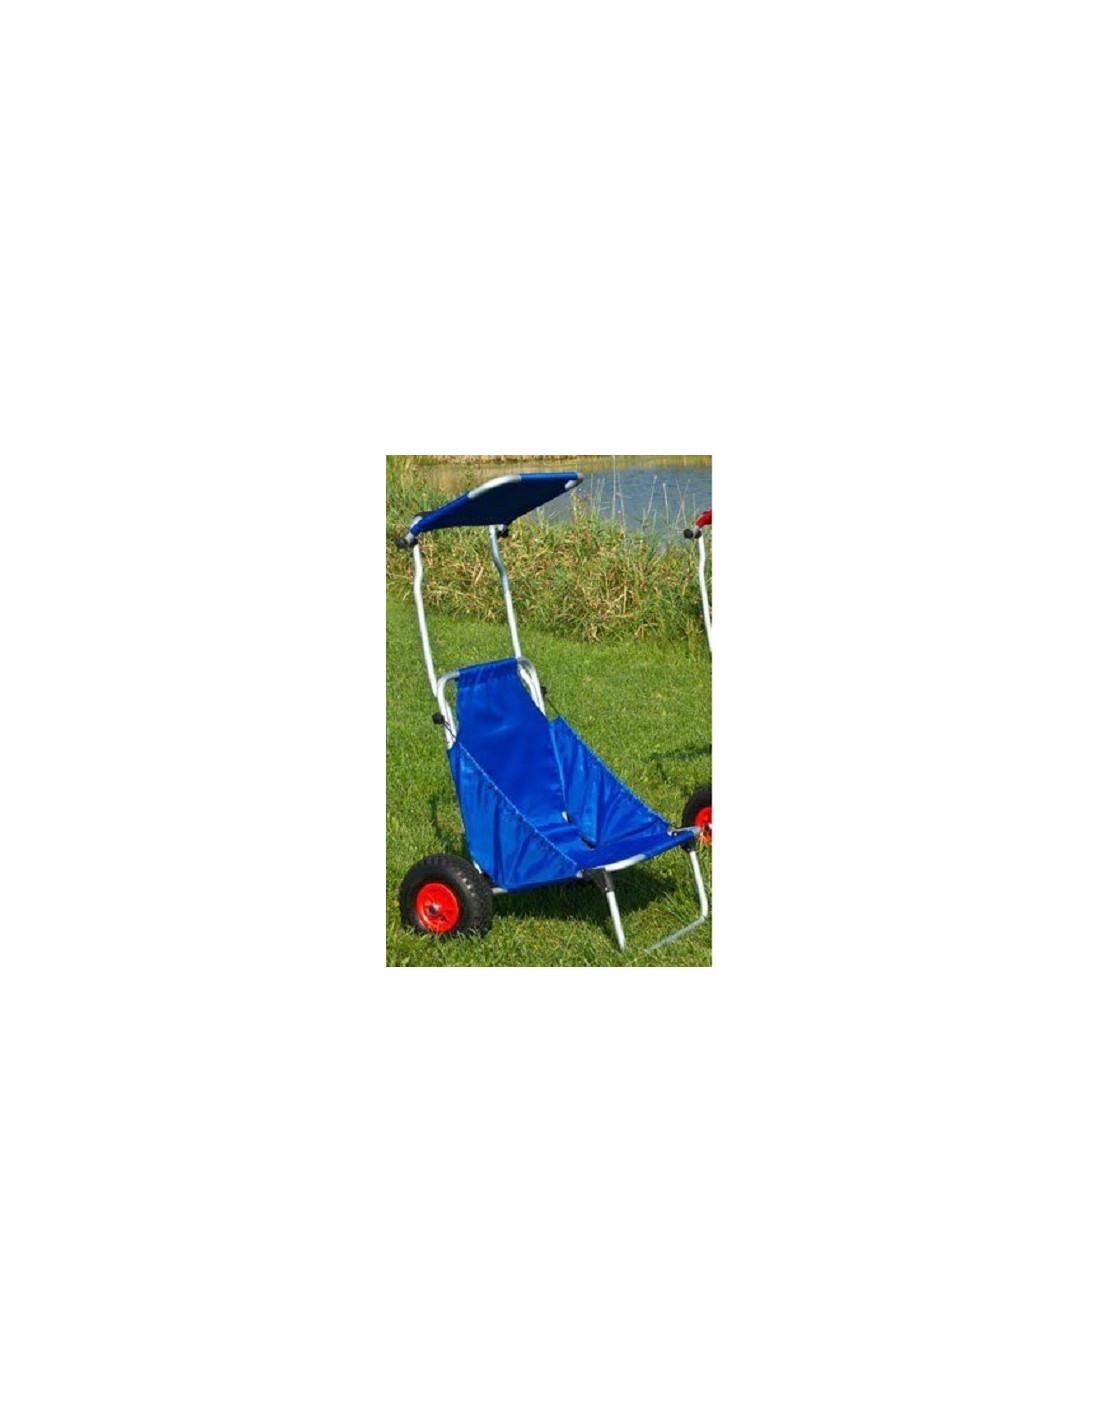 Carro silla de playa con toldo en aluminio tienda de camping online - Carro para playa transportar sillas ...